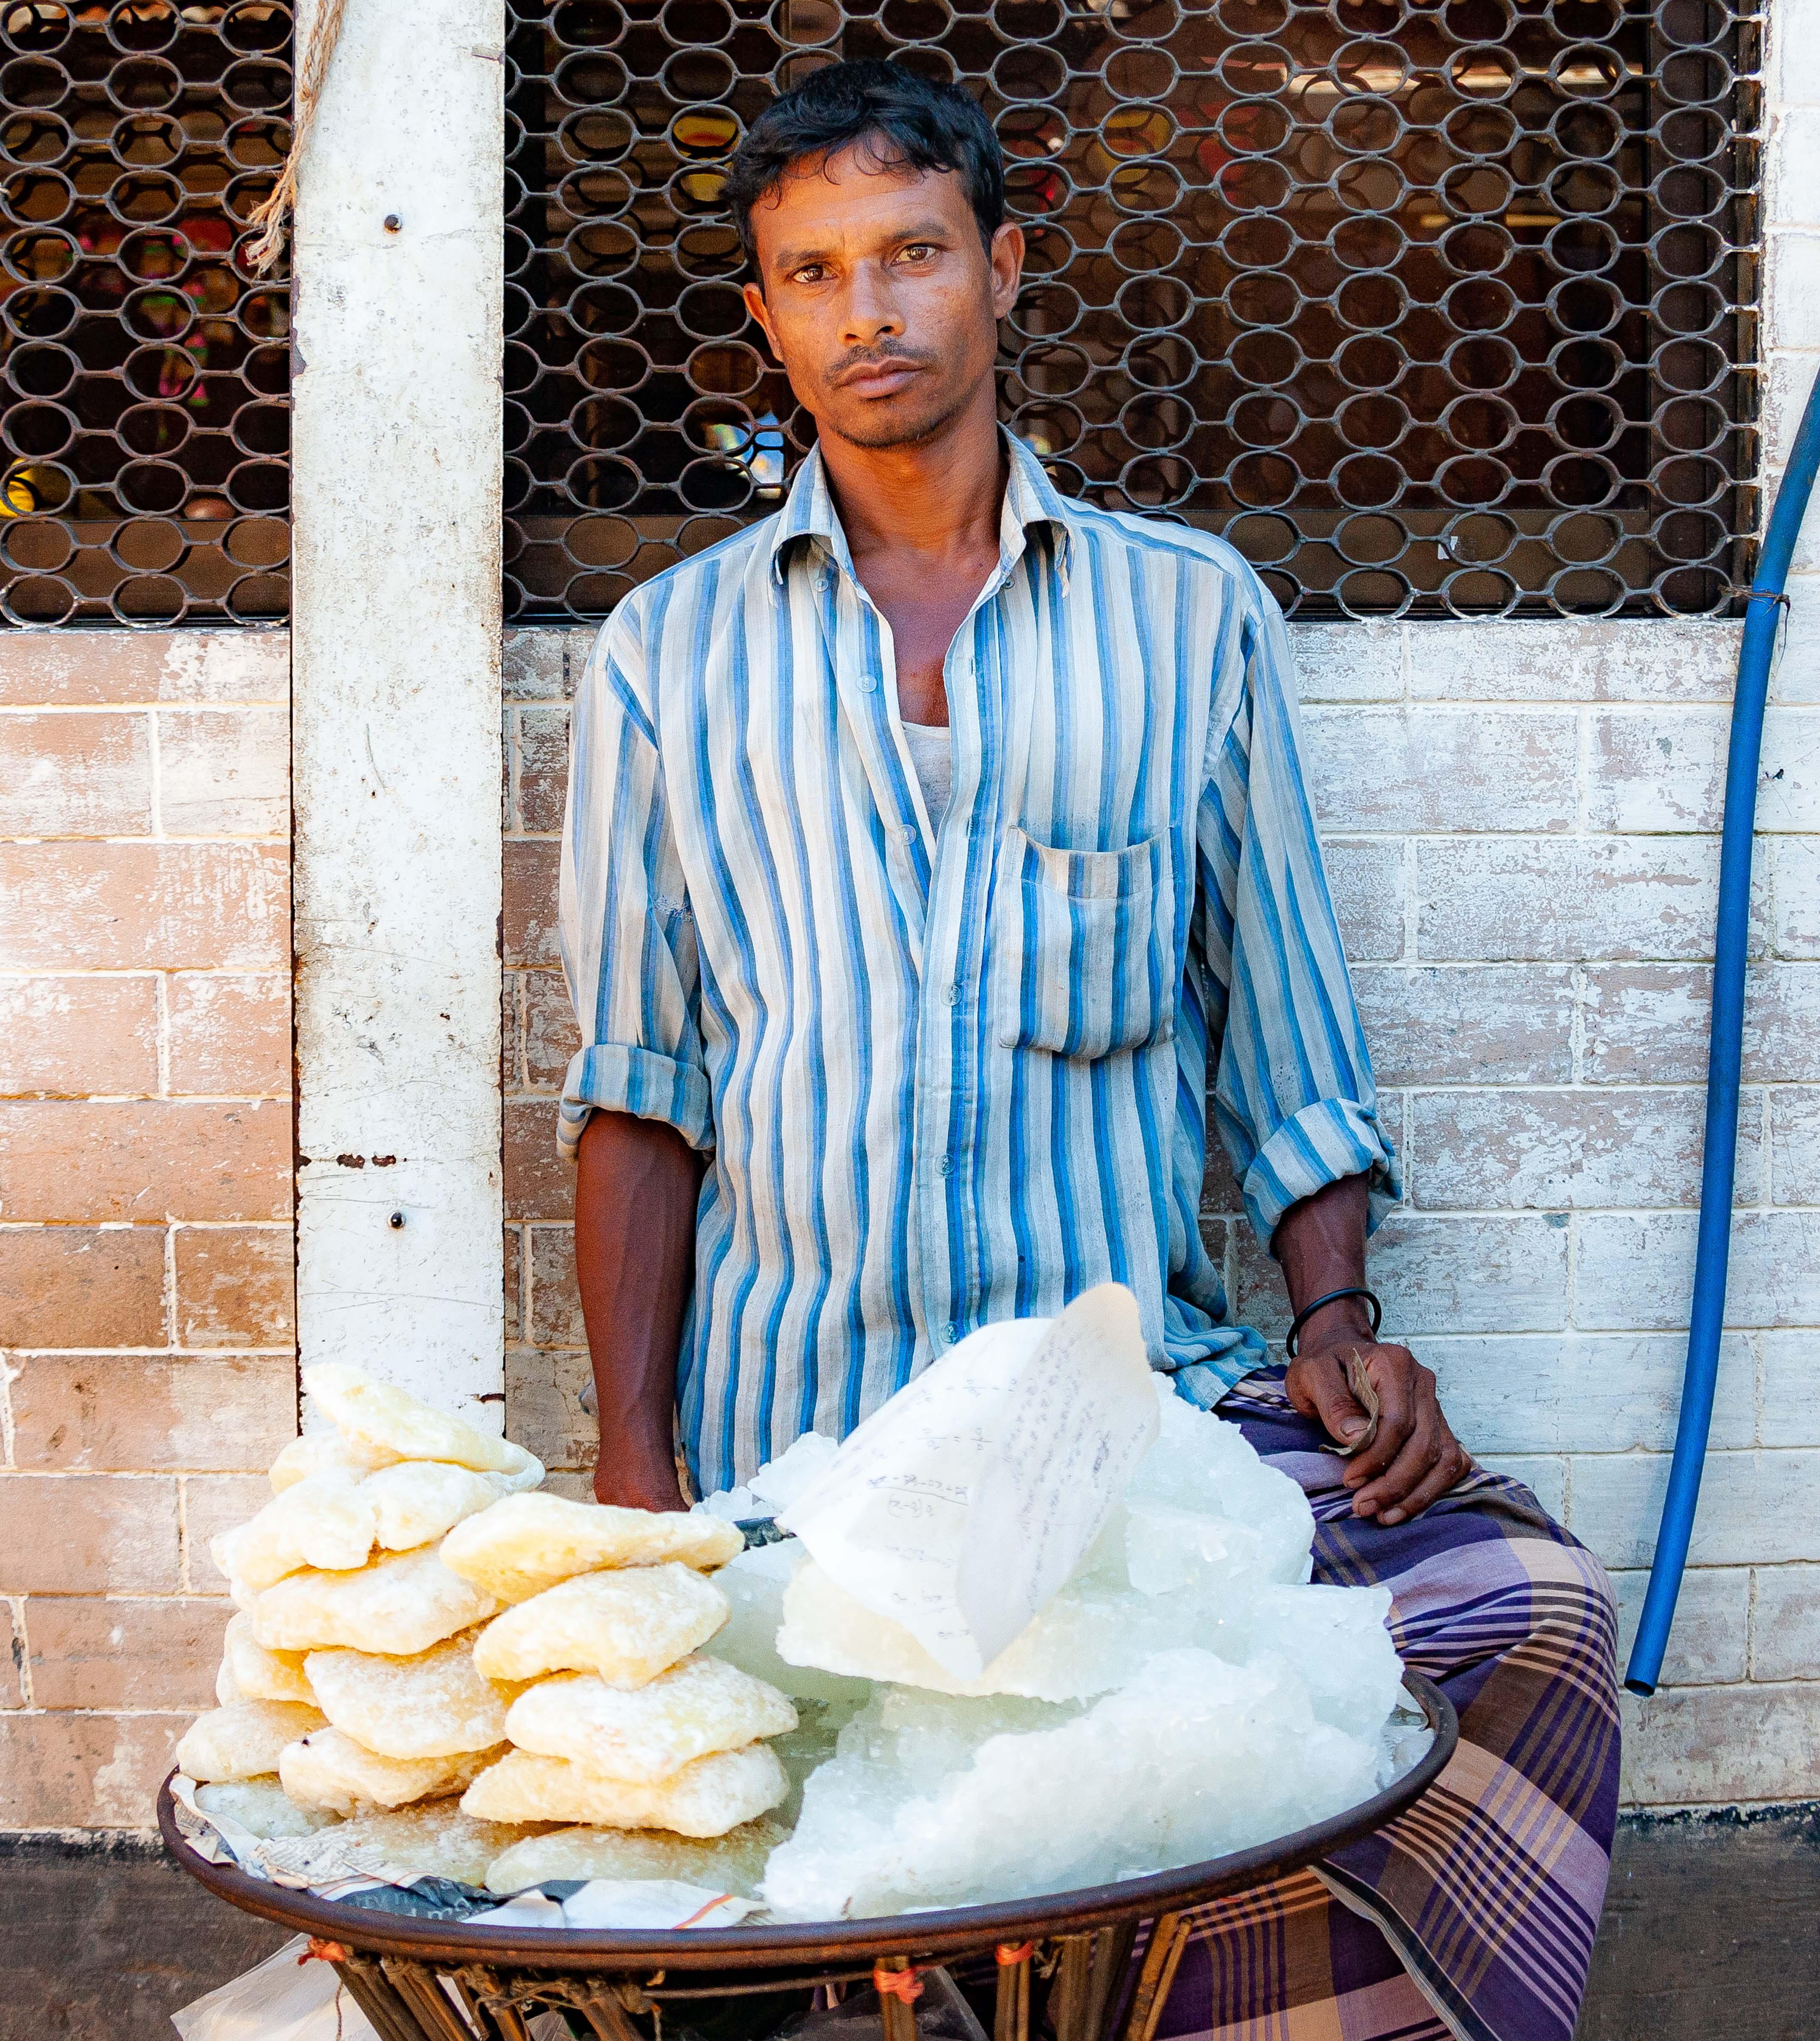 Bangladesh, Netrakona Prov, Food Vendor, 2009, IMG 8771